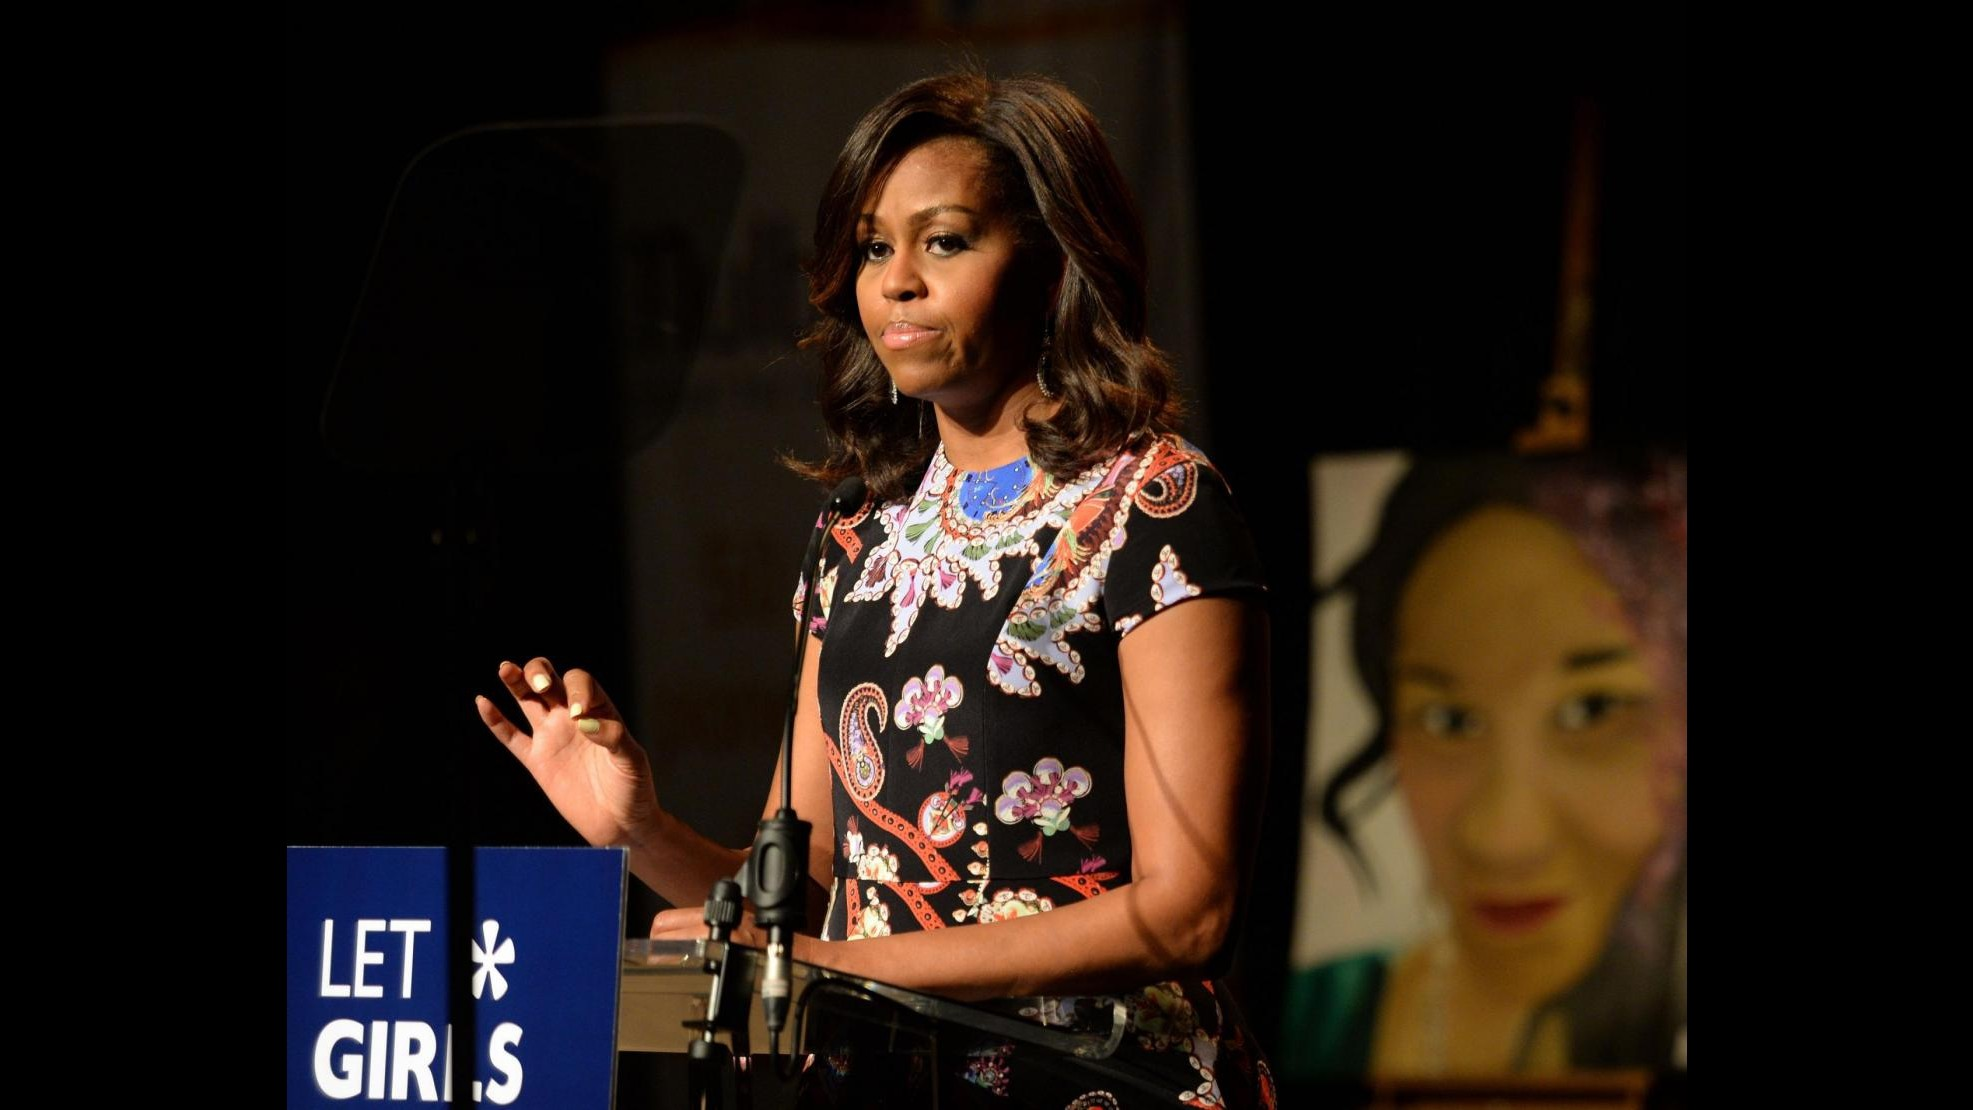 Michelle Obama arriva a Milano. Domani la first lady visiterà Expo